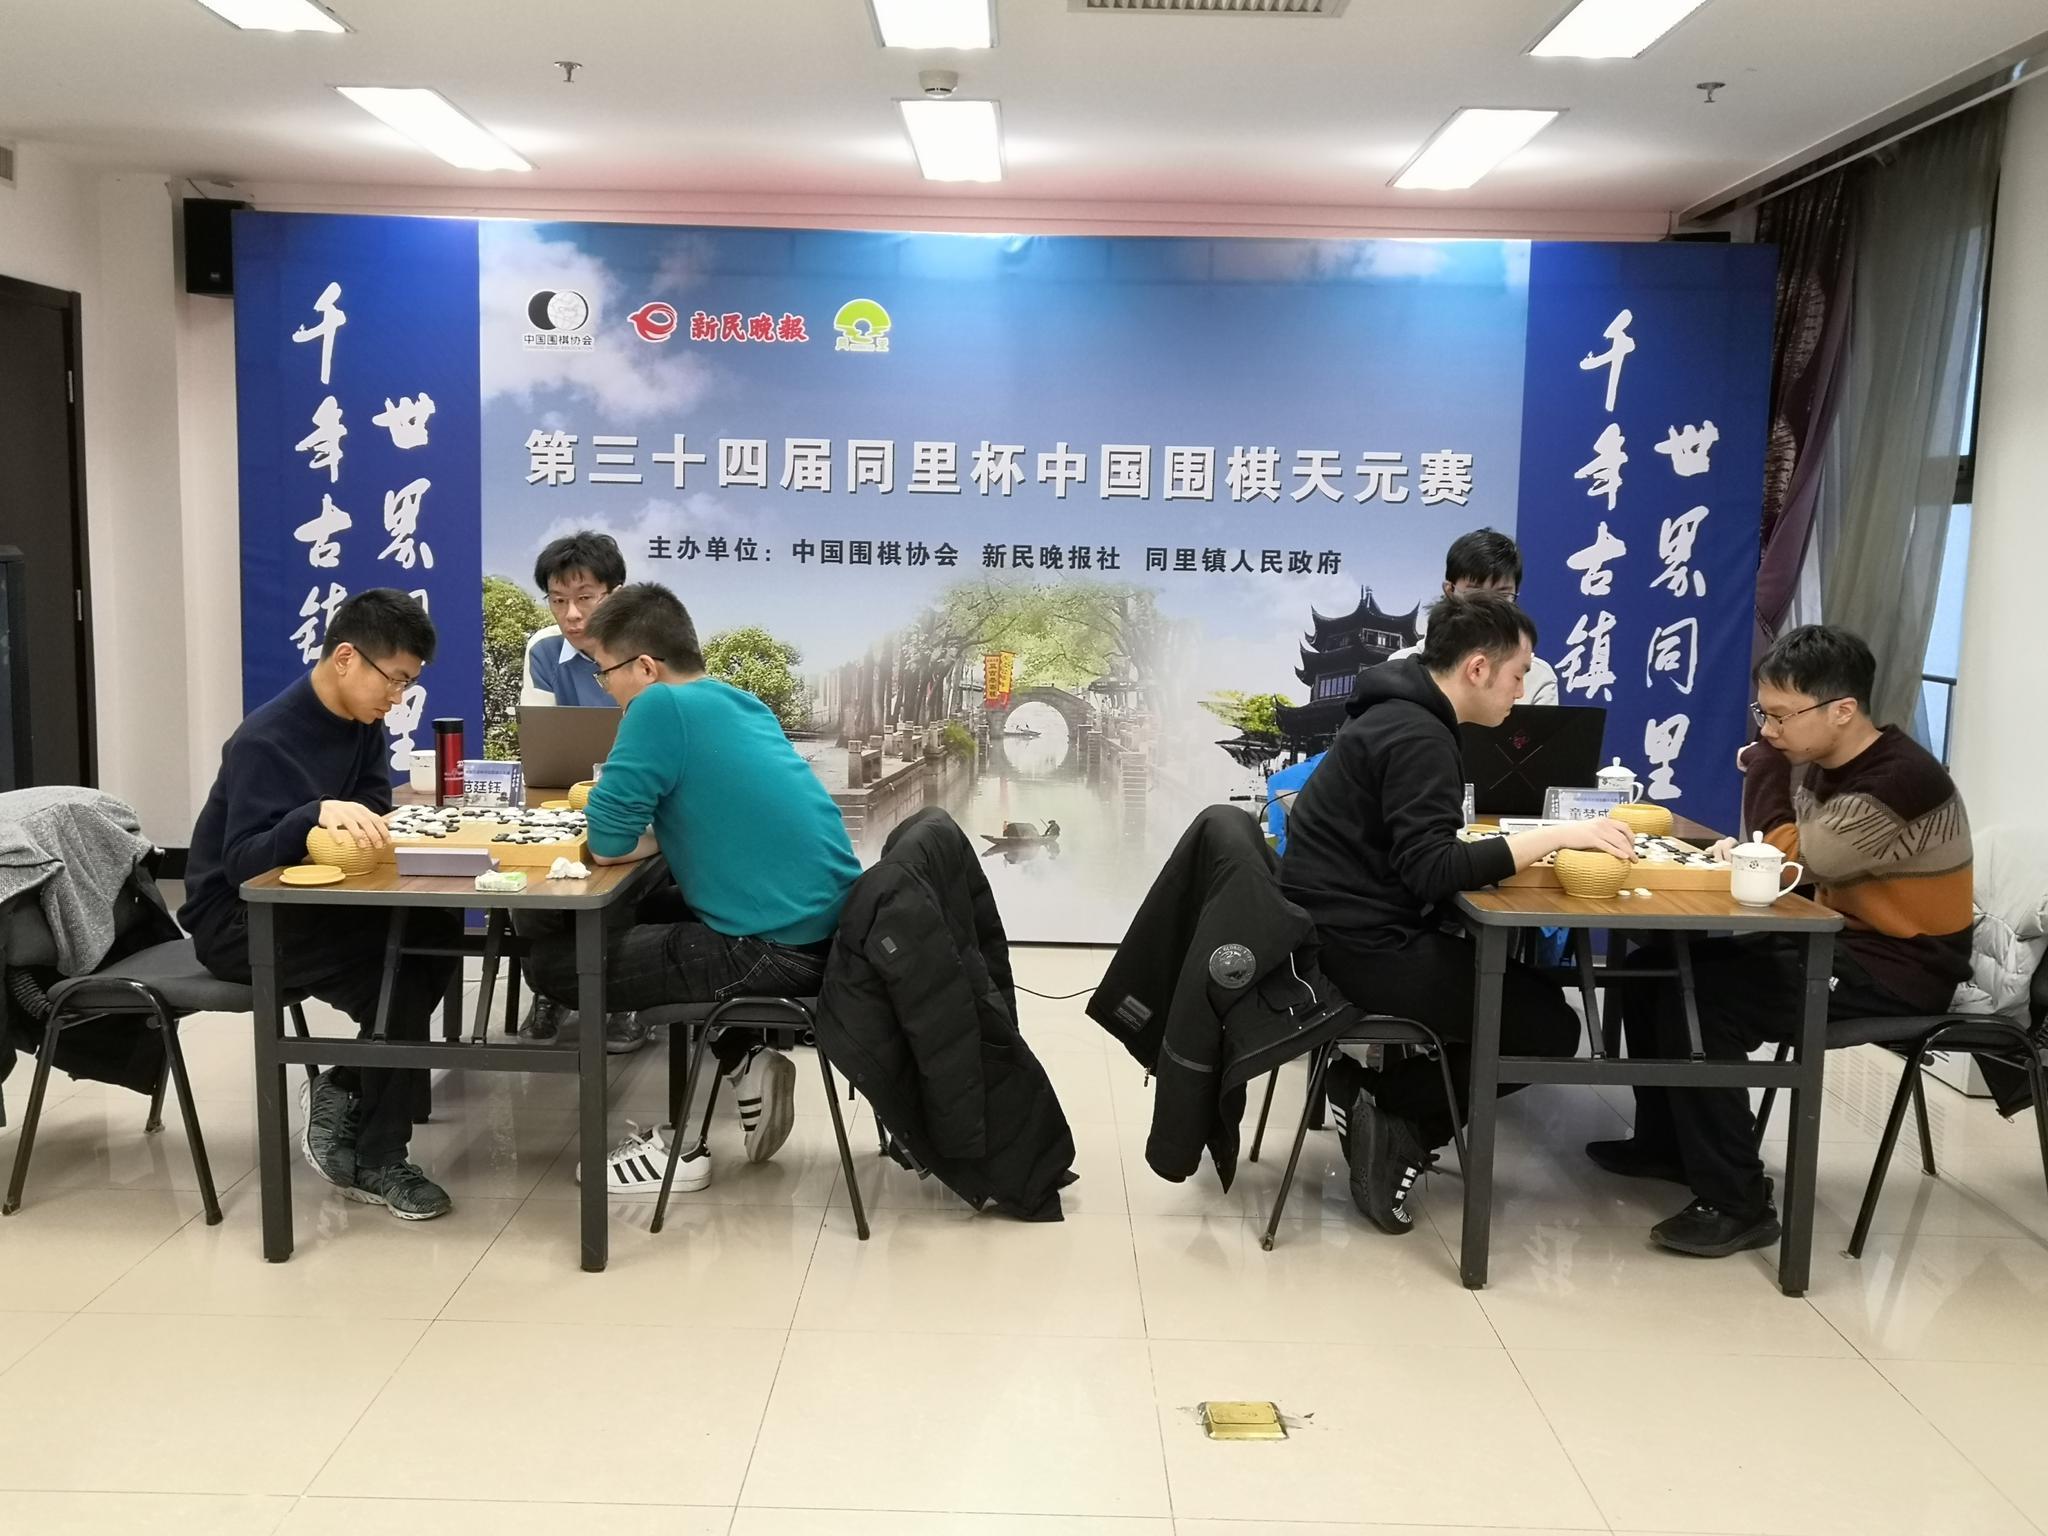 天元战杨鼎新险胜范廷钰 将与李轩豪争夺挑战权